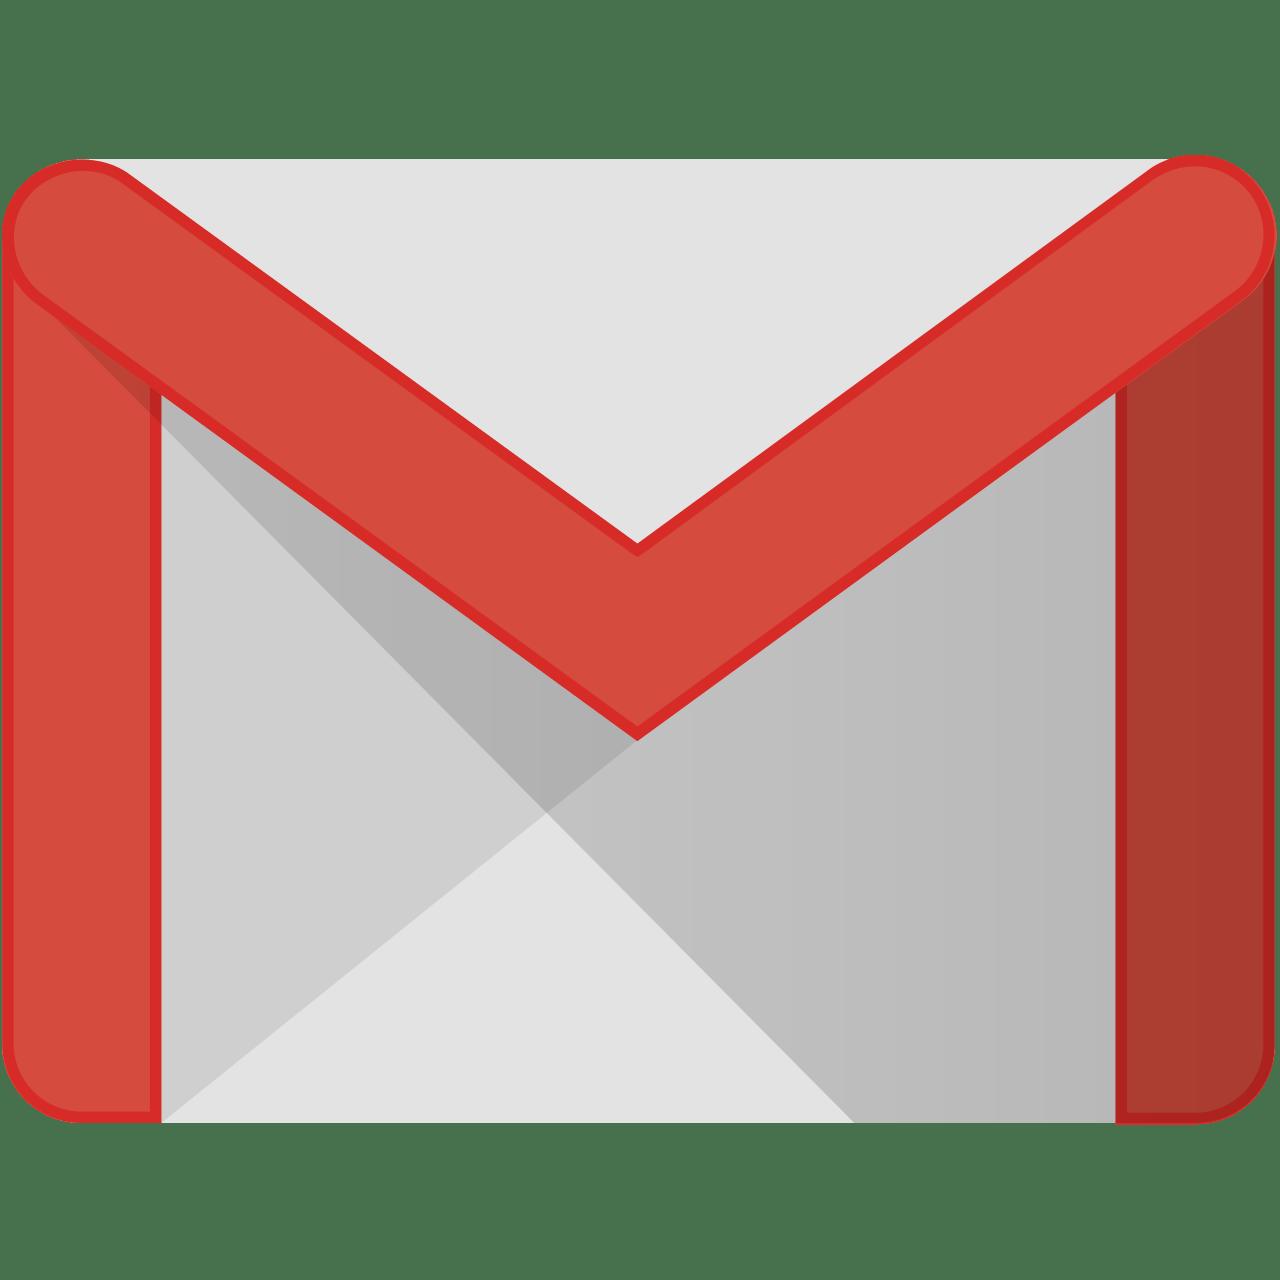 lexoffice automatisieren (45)